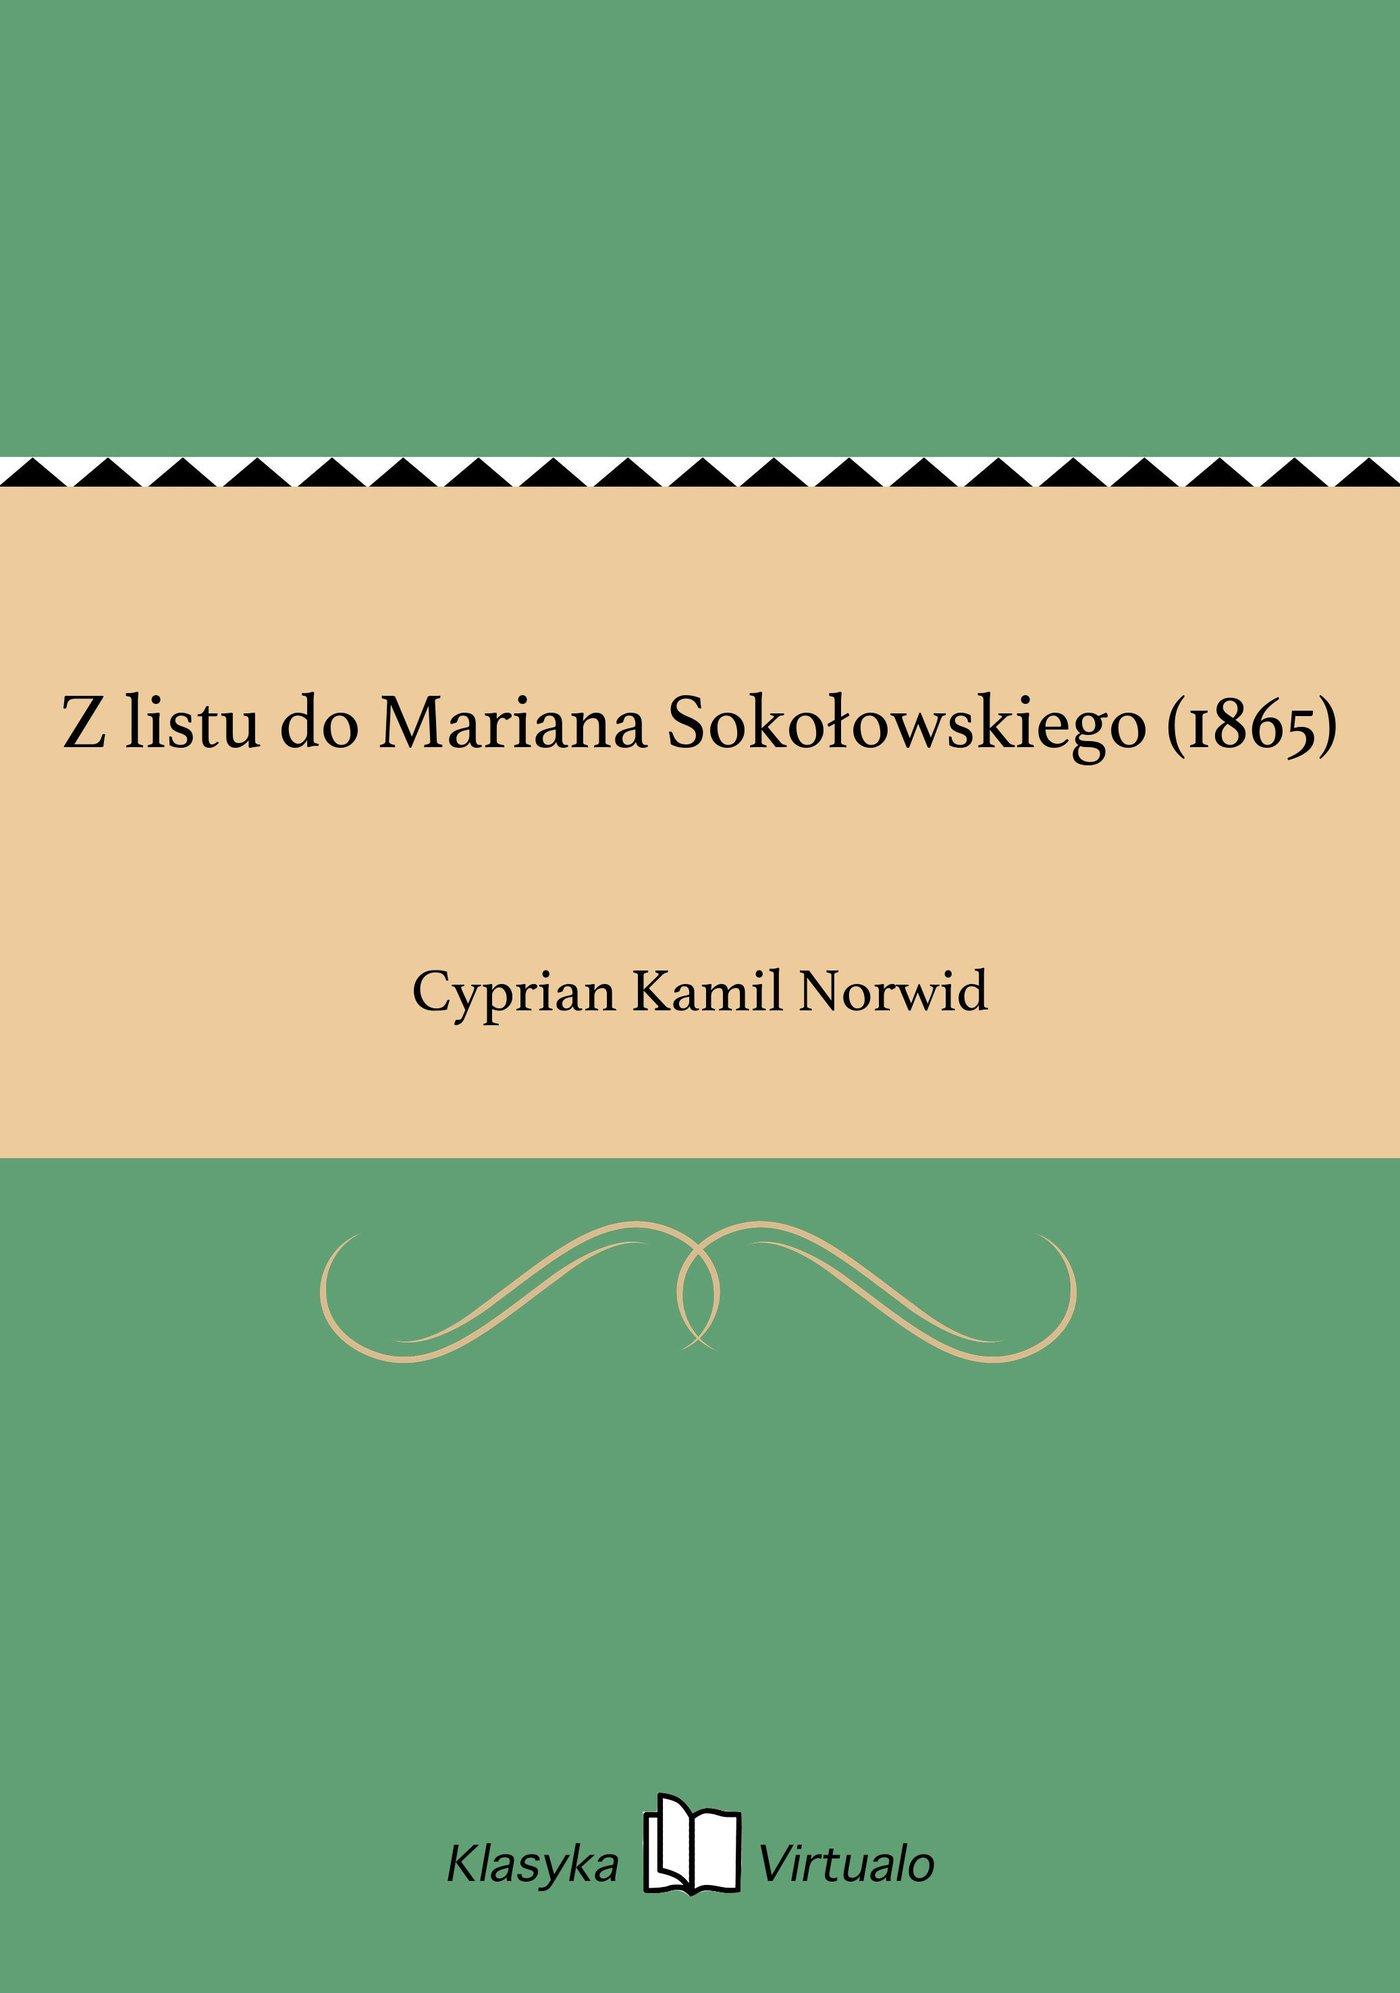 Z listu do Mariana Sokołowskiego (1865) - Ebook (Książka EPUB) do pobrania w formacie EPUB